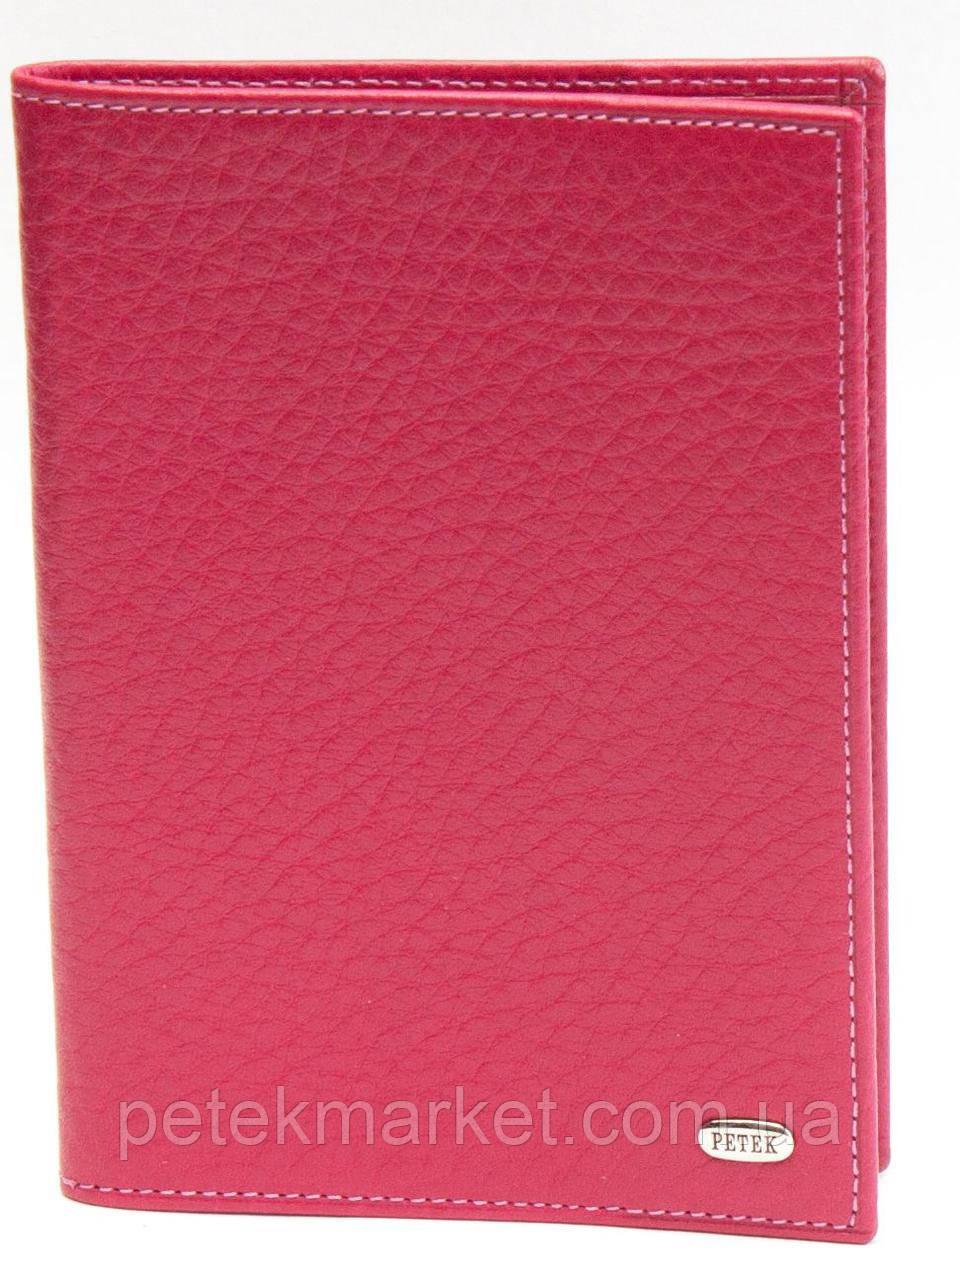 Обложка для паспорта PETEK 581 фуксия  (581-46B-44)